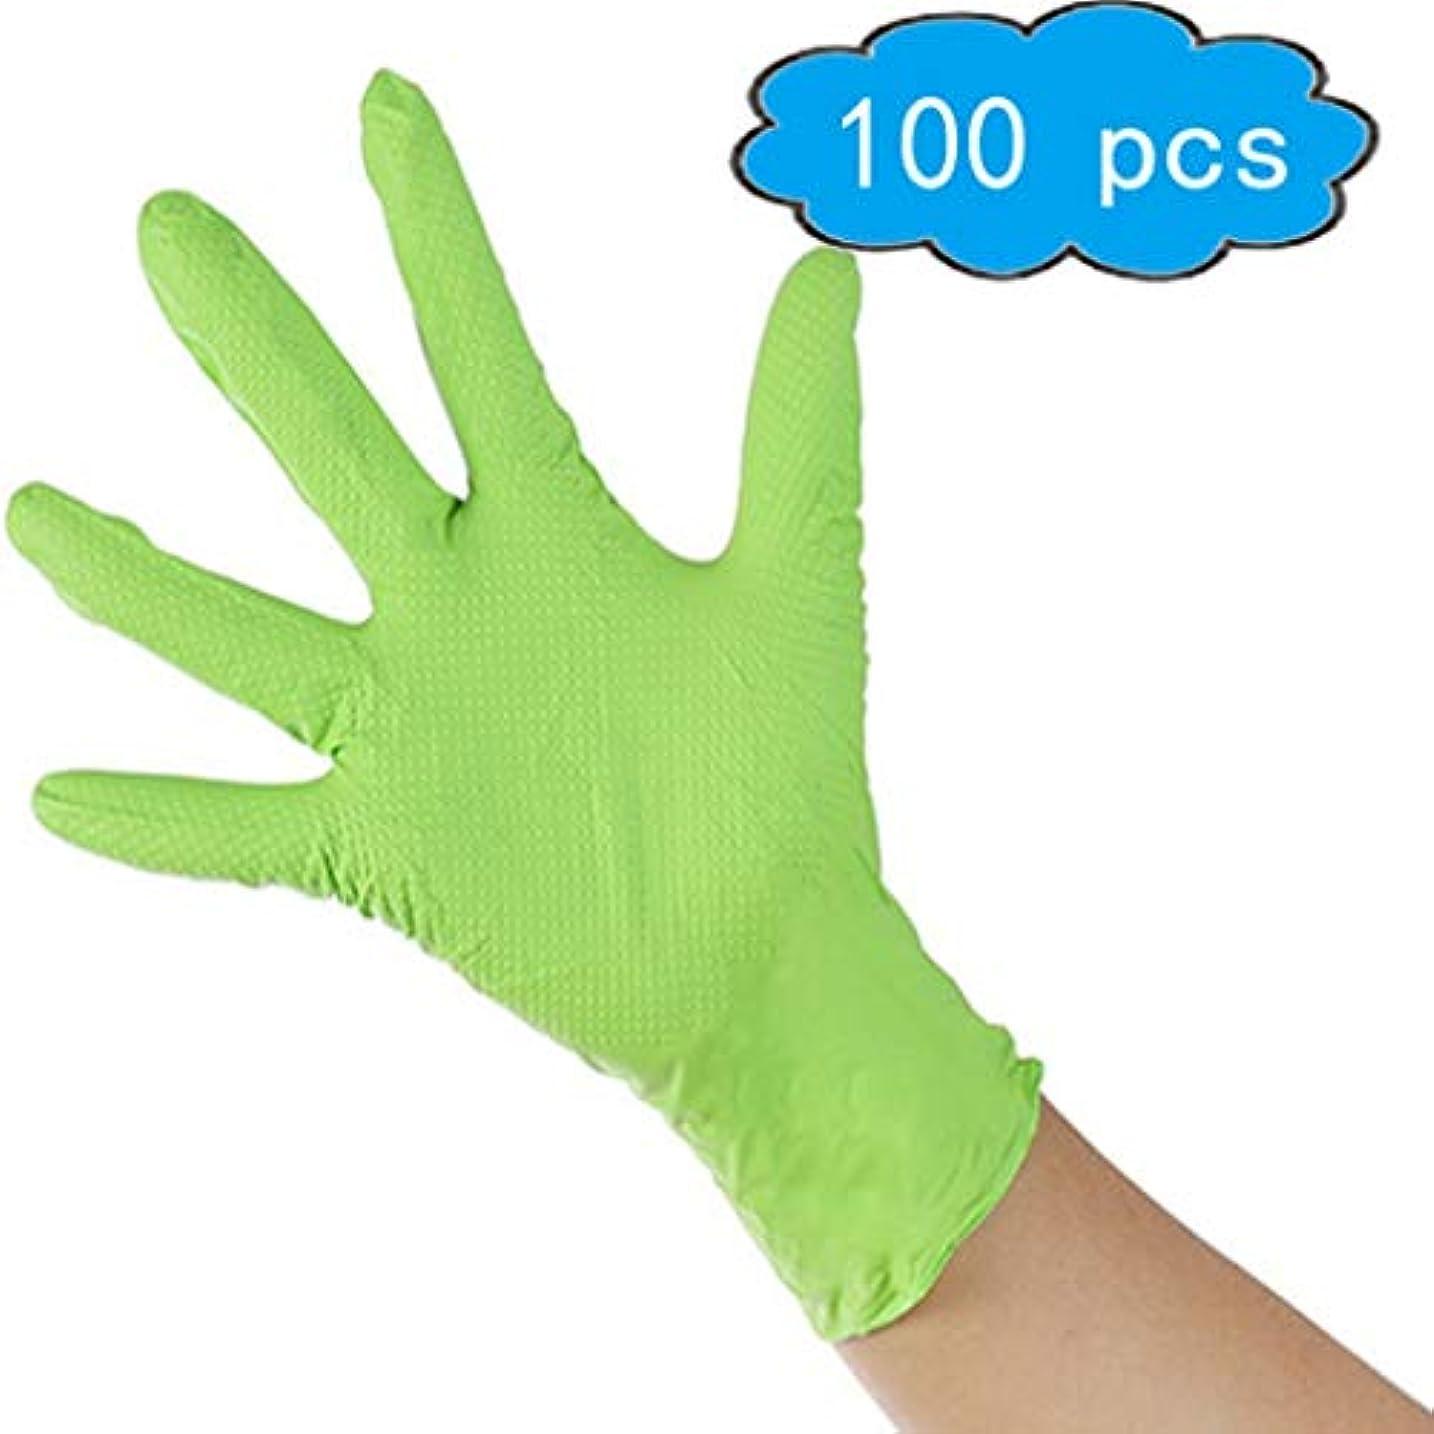 コカインアクティビティ難民使い捨てゴム手袋-5ミル、工業用、極厚、パウダーフリー、両手利き、オレンジ、ミディアム、100個入りの箱、滑り止めの掌紋、耐摩耗性と耐久性のある機械式ハードウェアゴム手袋 (Color : Green, Size : L)